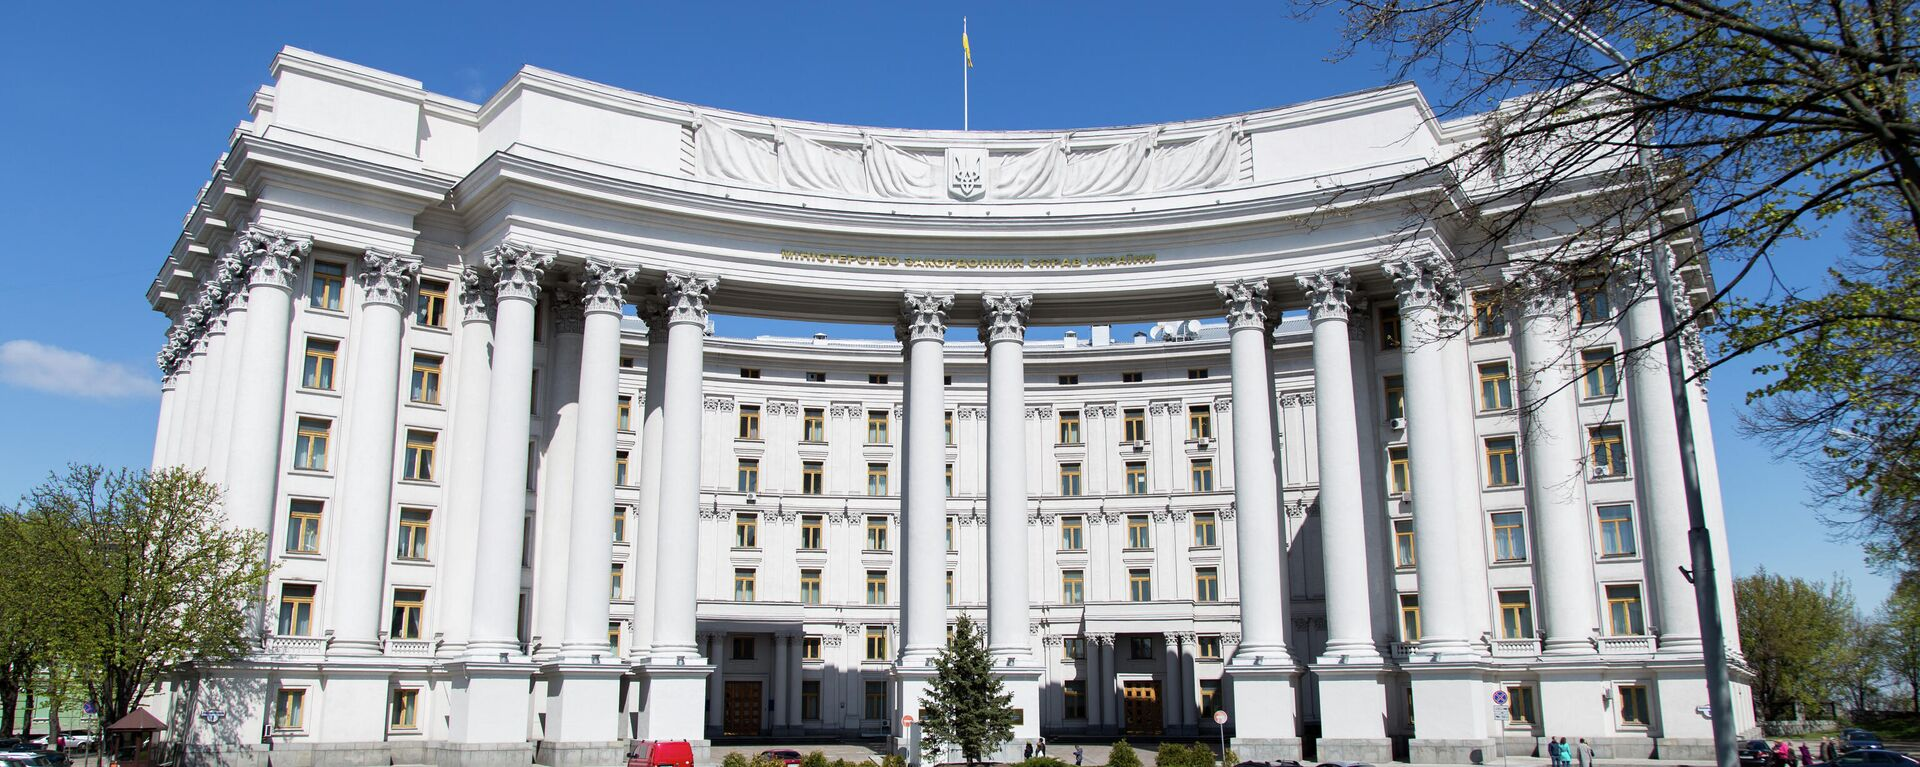 Здание Министерства иностранных дел Украины в Киеве - Sputnik Azərbaycan, 1920, 02.10.2021